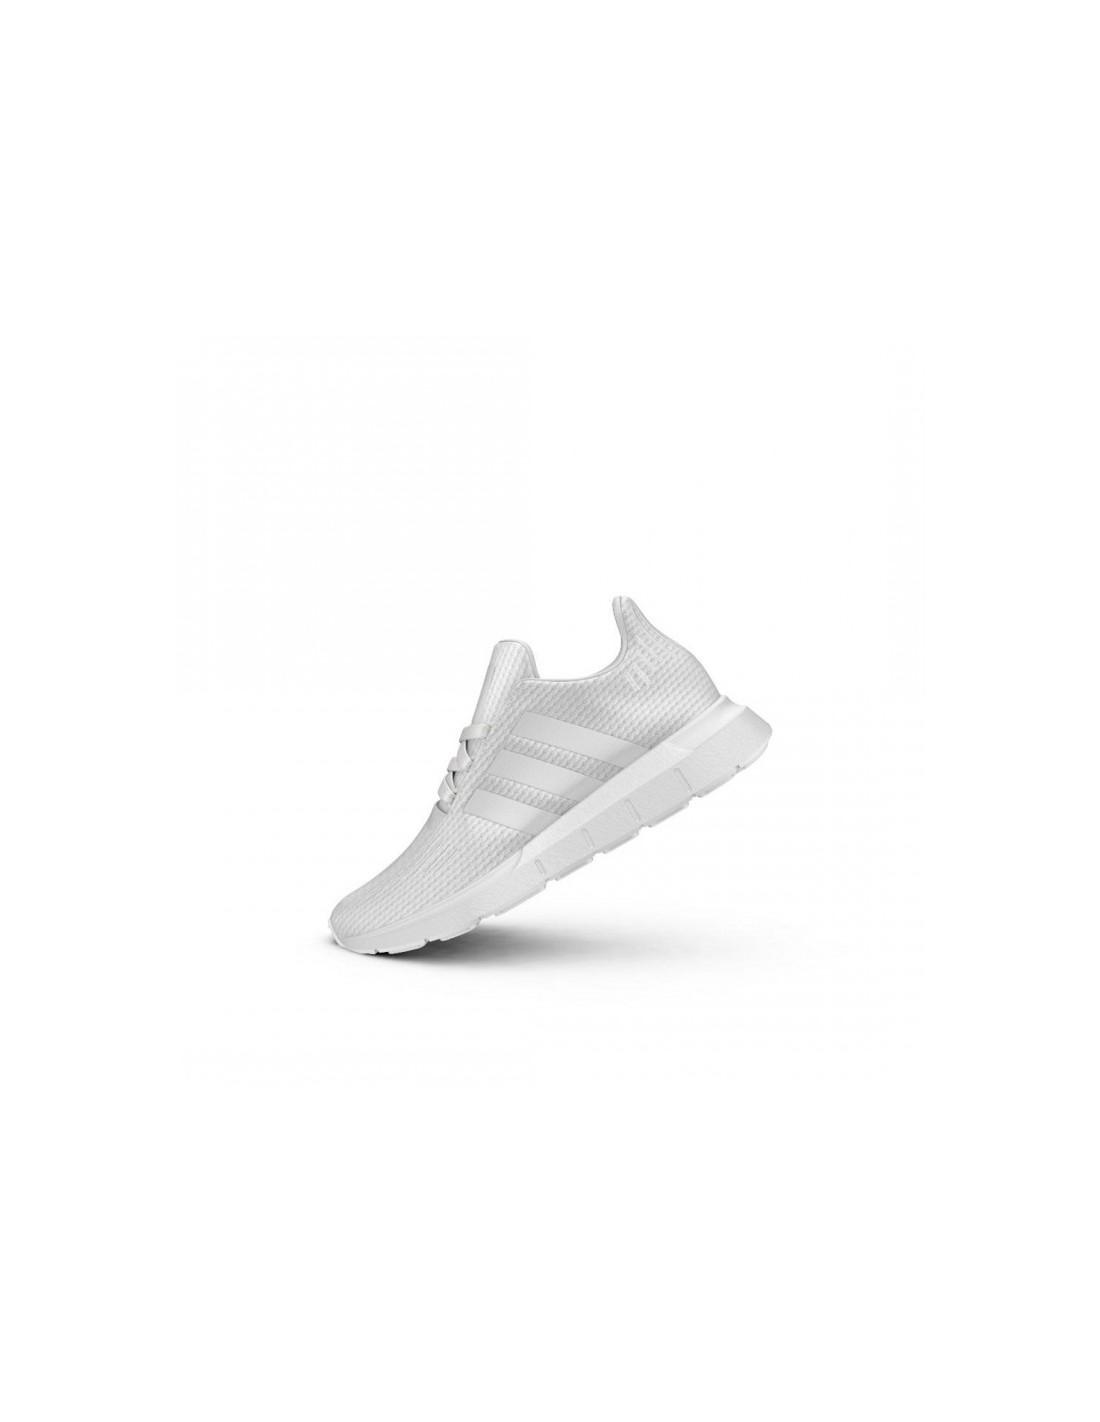 Adidas Originals Swift Run White F34315 urbanfashion.gr